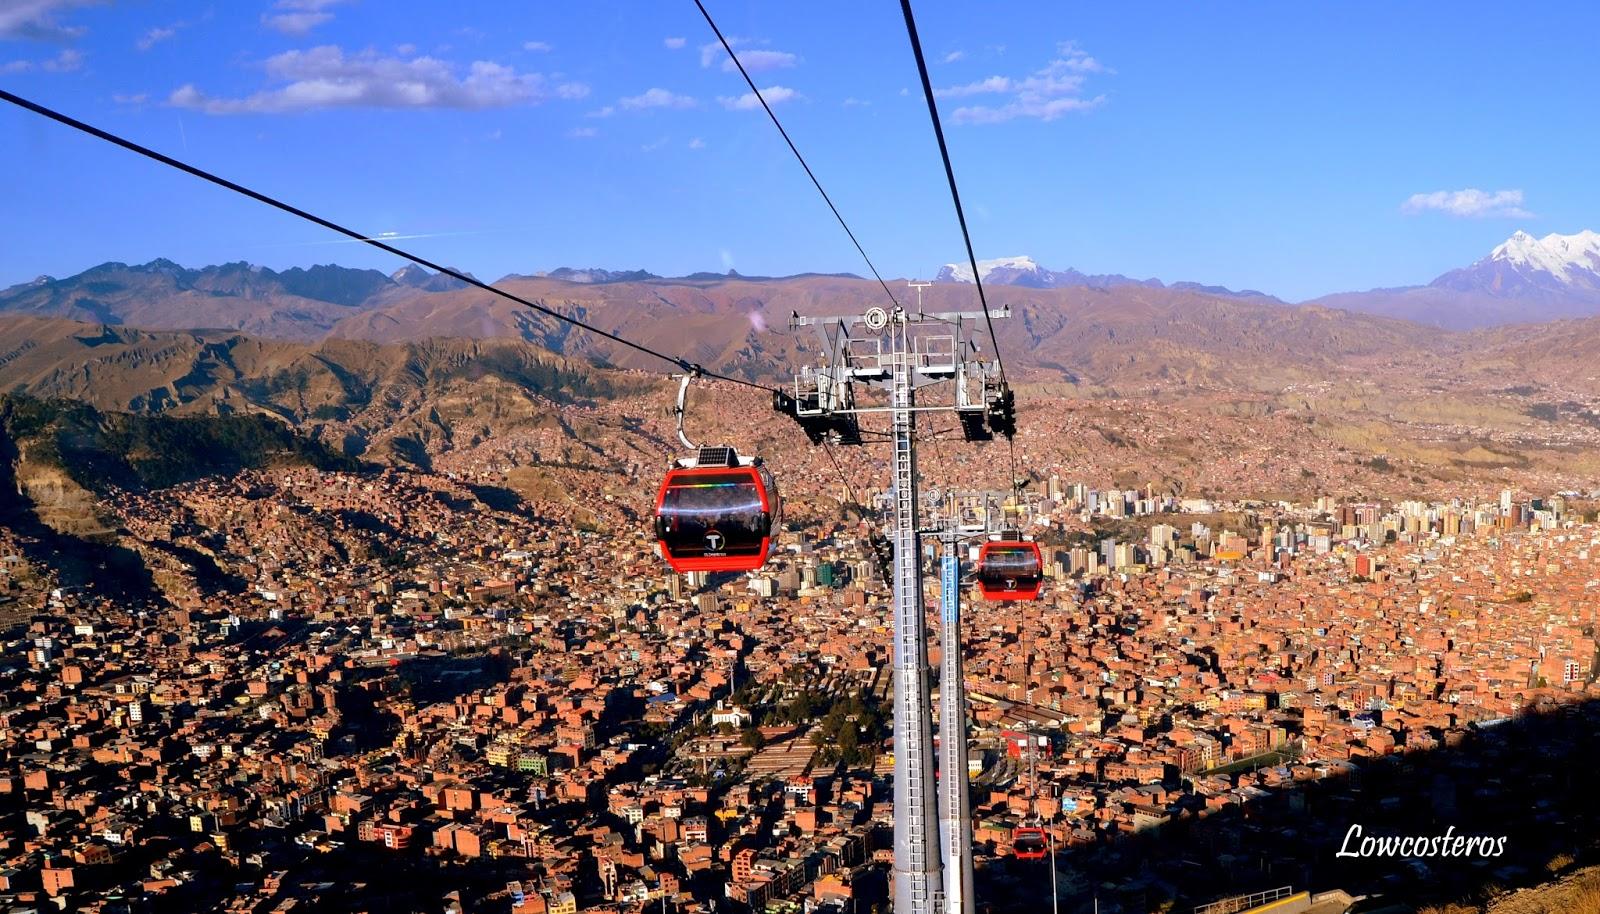 Lowcosteros: Guía Para Visitar La Paz, Bolivia